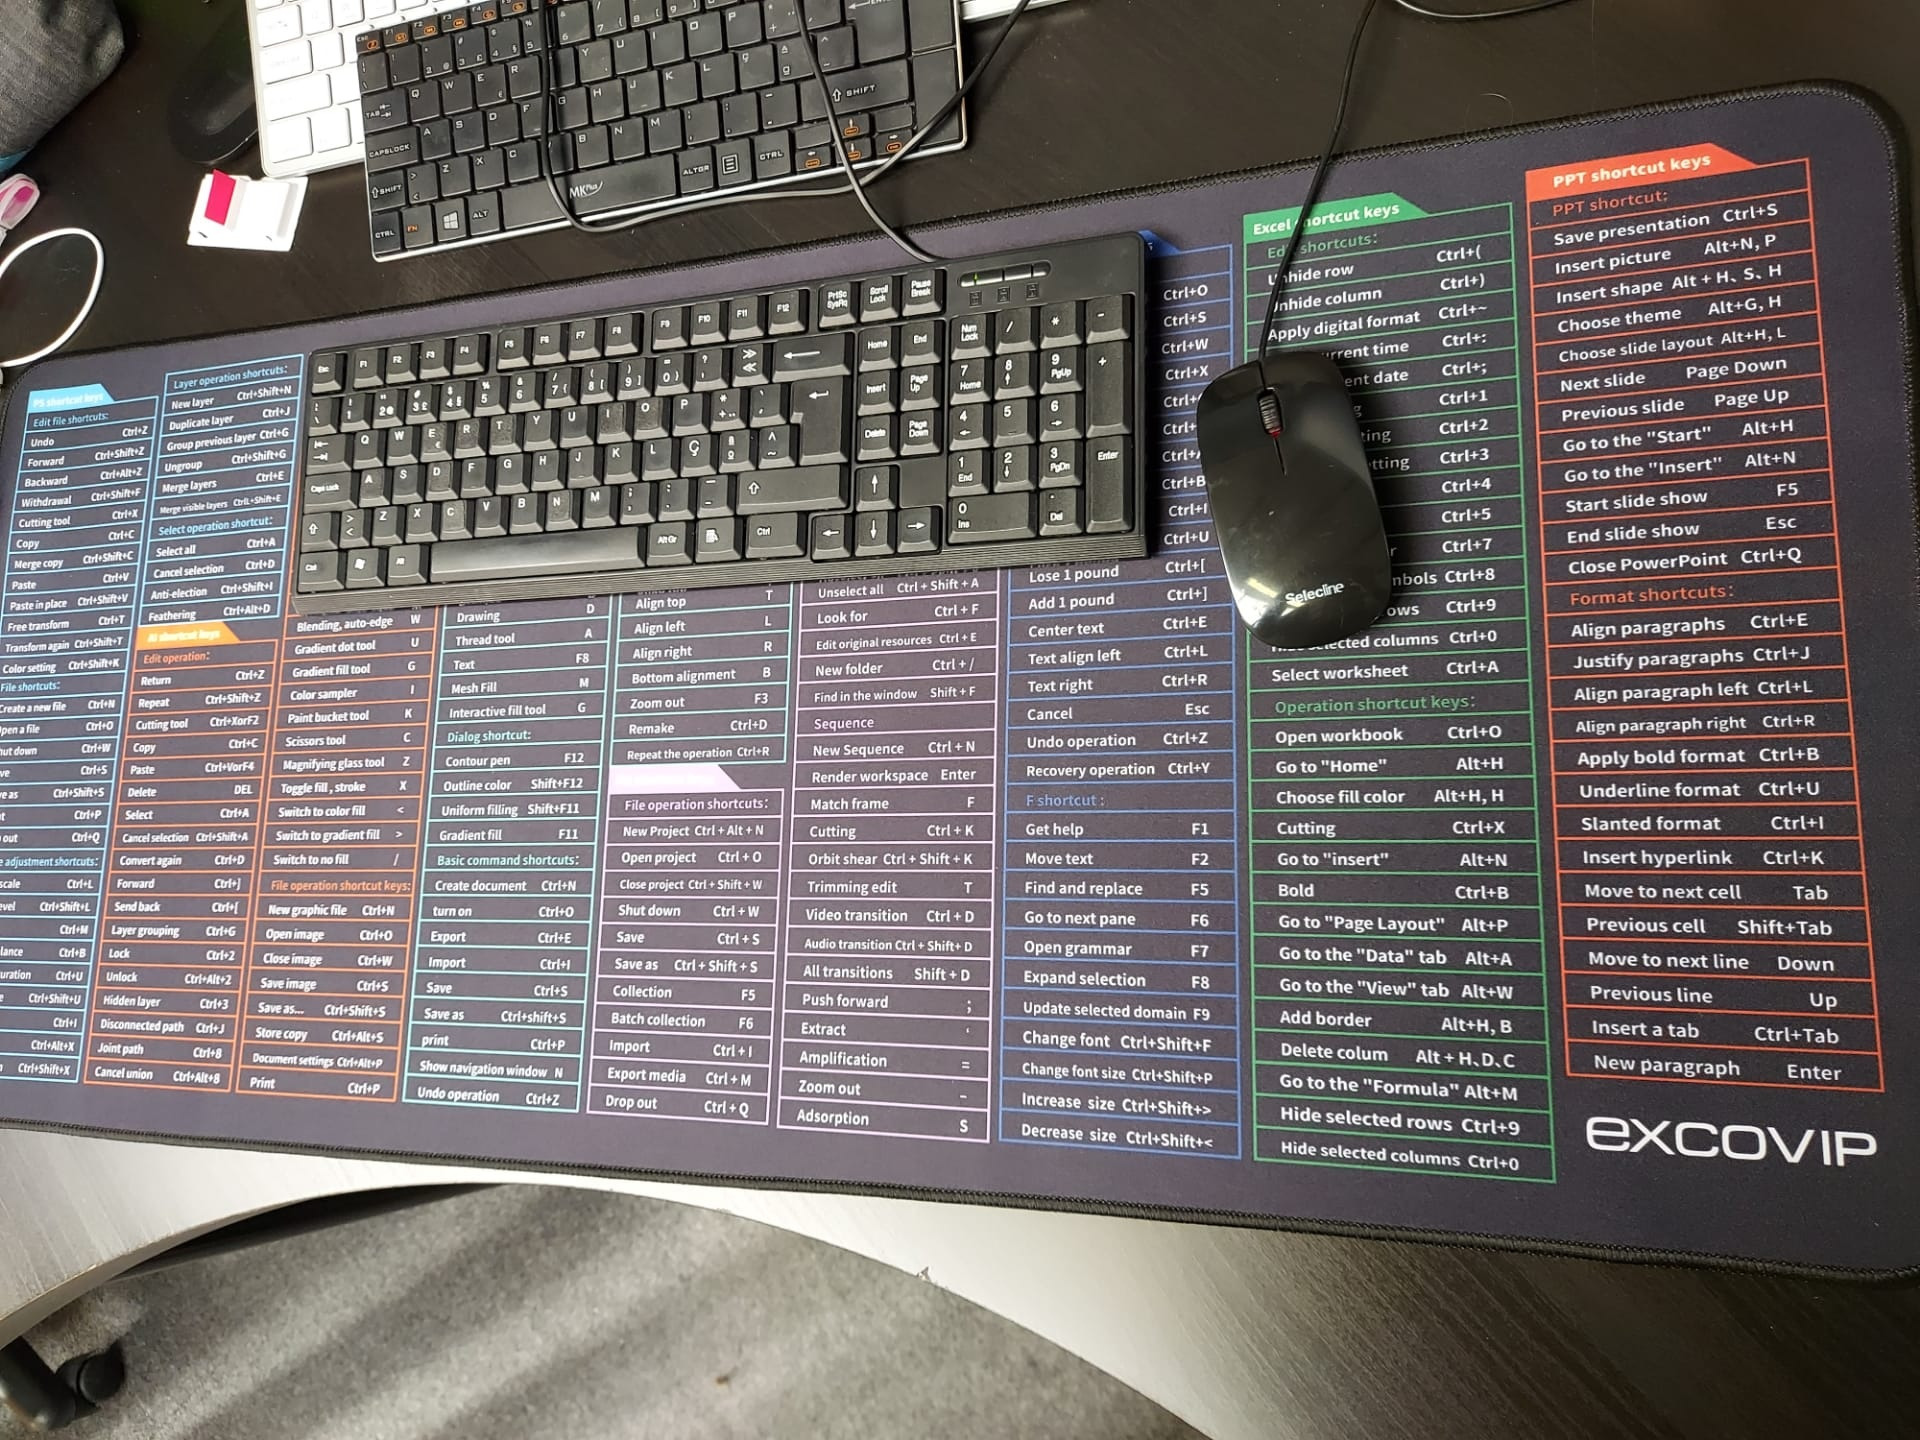 Огромный коврик для рабочего стола со всеми горячими клавишами